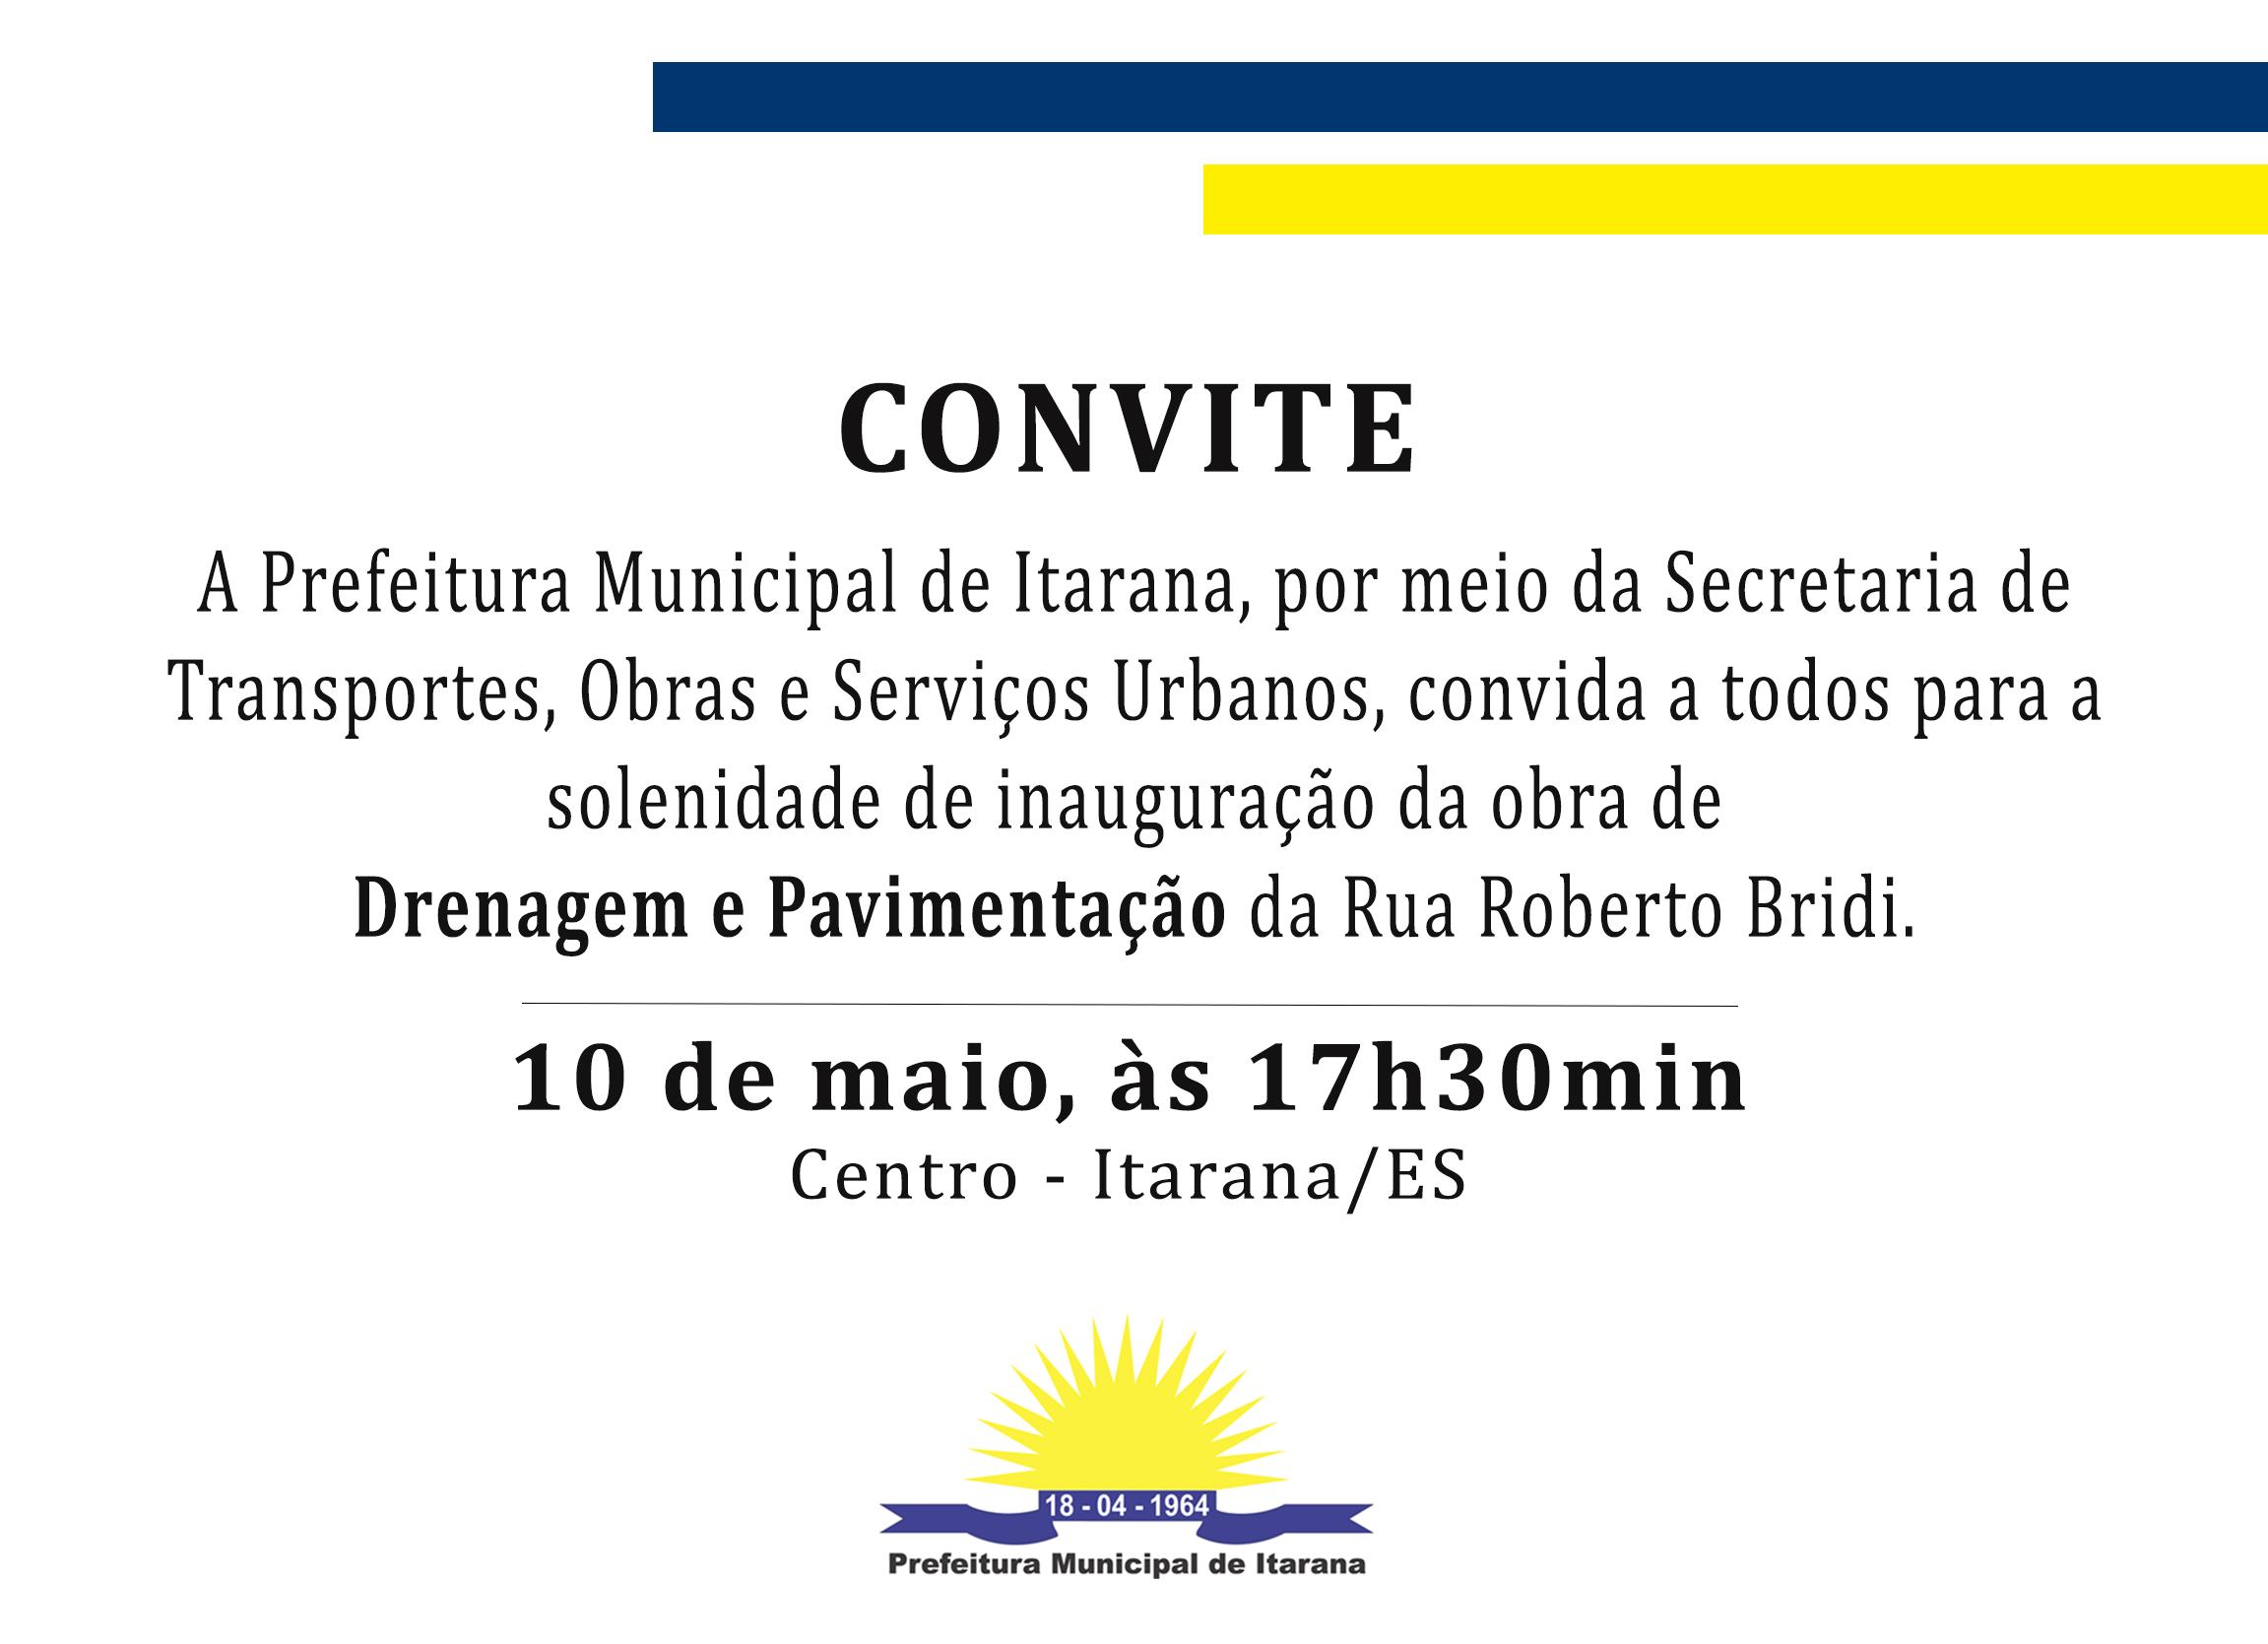 Convite: Inauguração da obra de drenagem e pavimentação da Rua Roberto Bridi